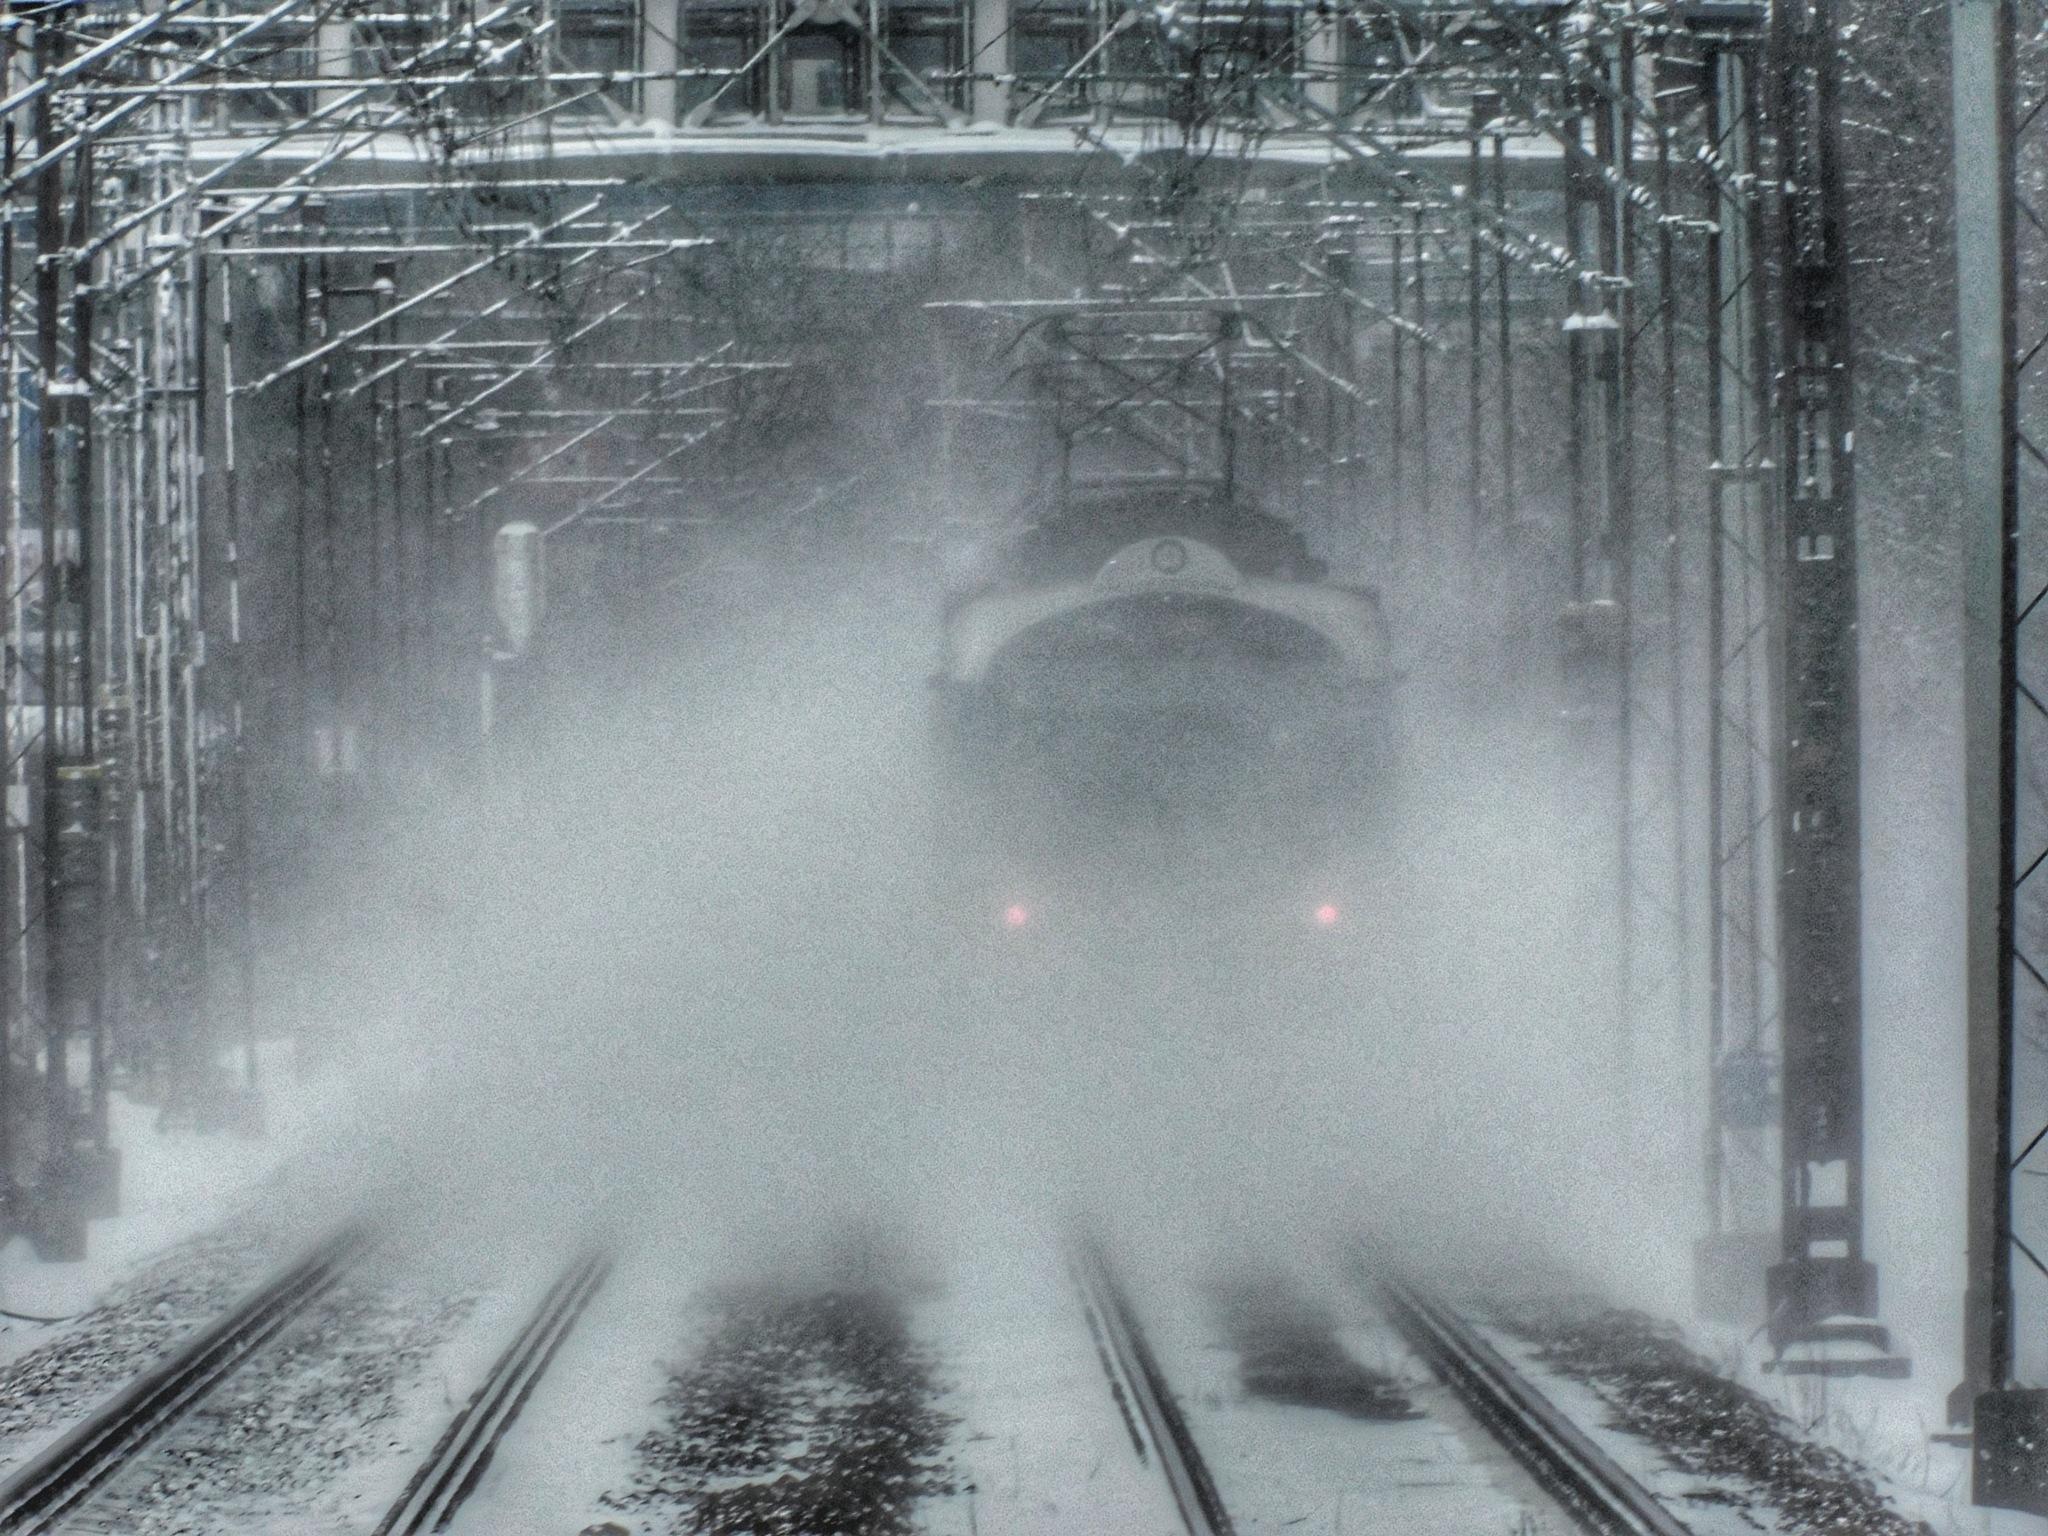 blizzard by Grzegorz Skwarliński